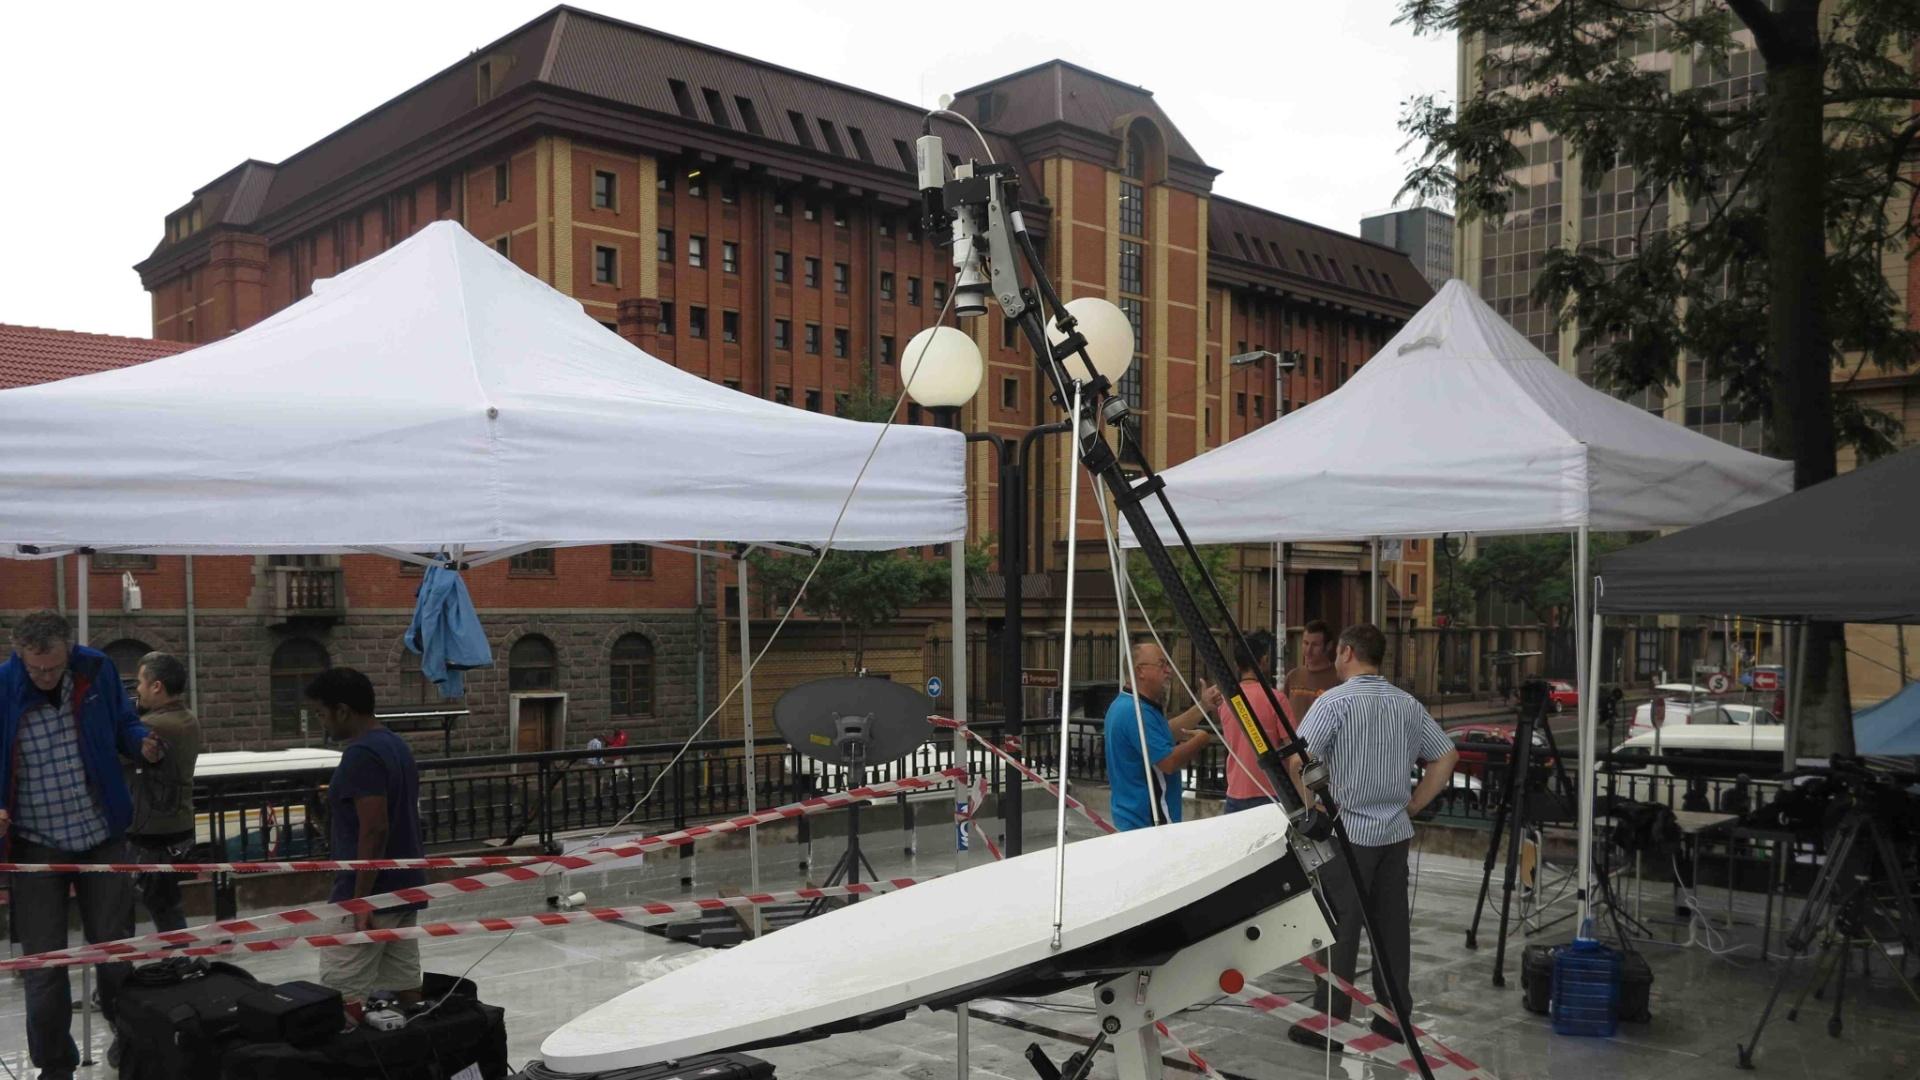 Equipes de televisão se instalaram em frente ao prédio da Alta Corte, em Pretória, na África do Sul, para transmitir julgamento de Oscar Pistorius